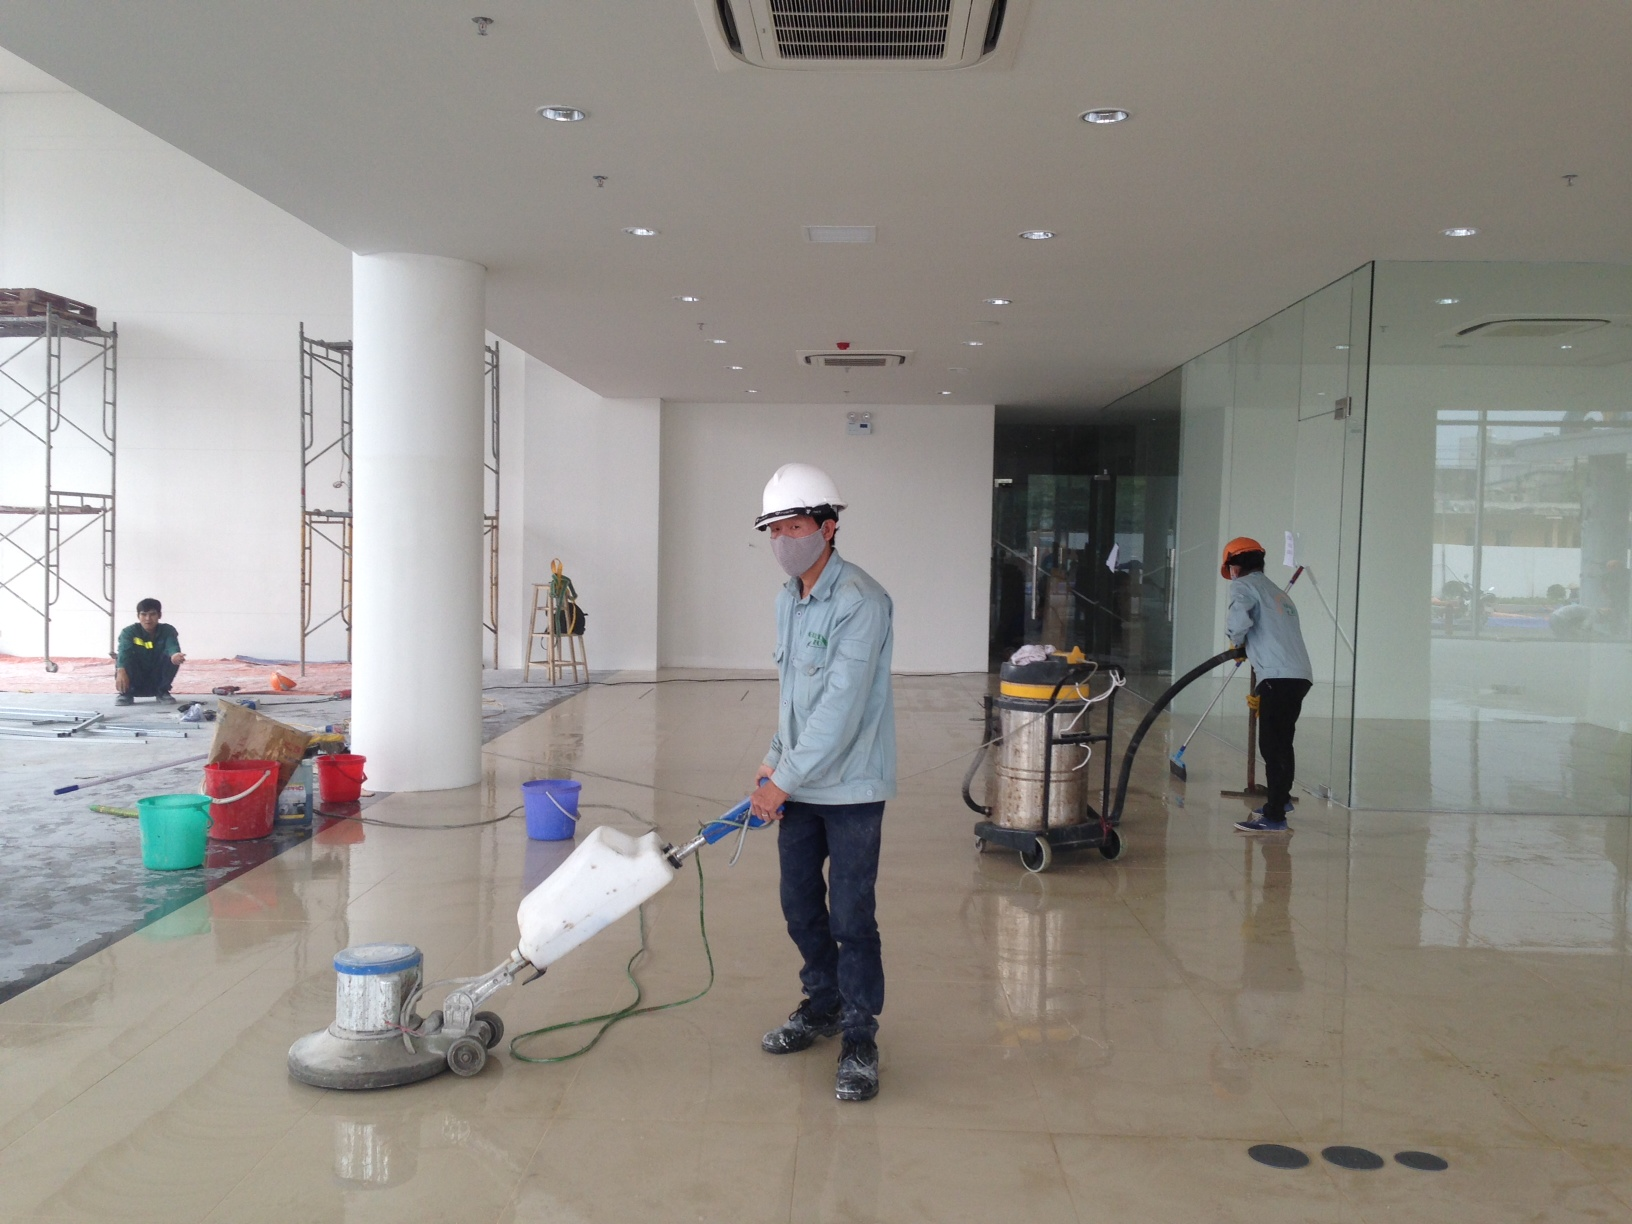 Thầu xây dựng, xây nhà uy tín tại Đà Lạt – Lâm Đồng